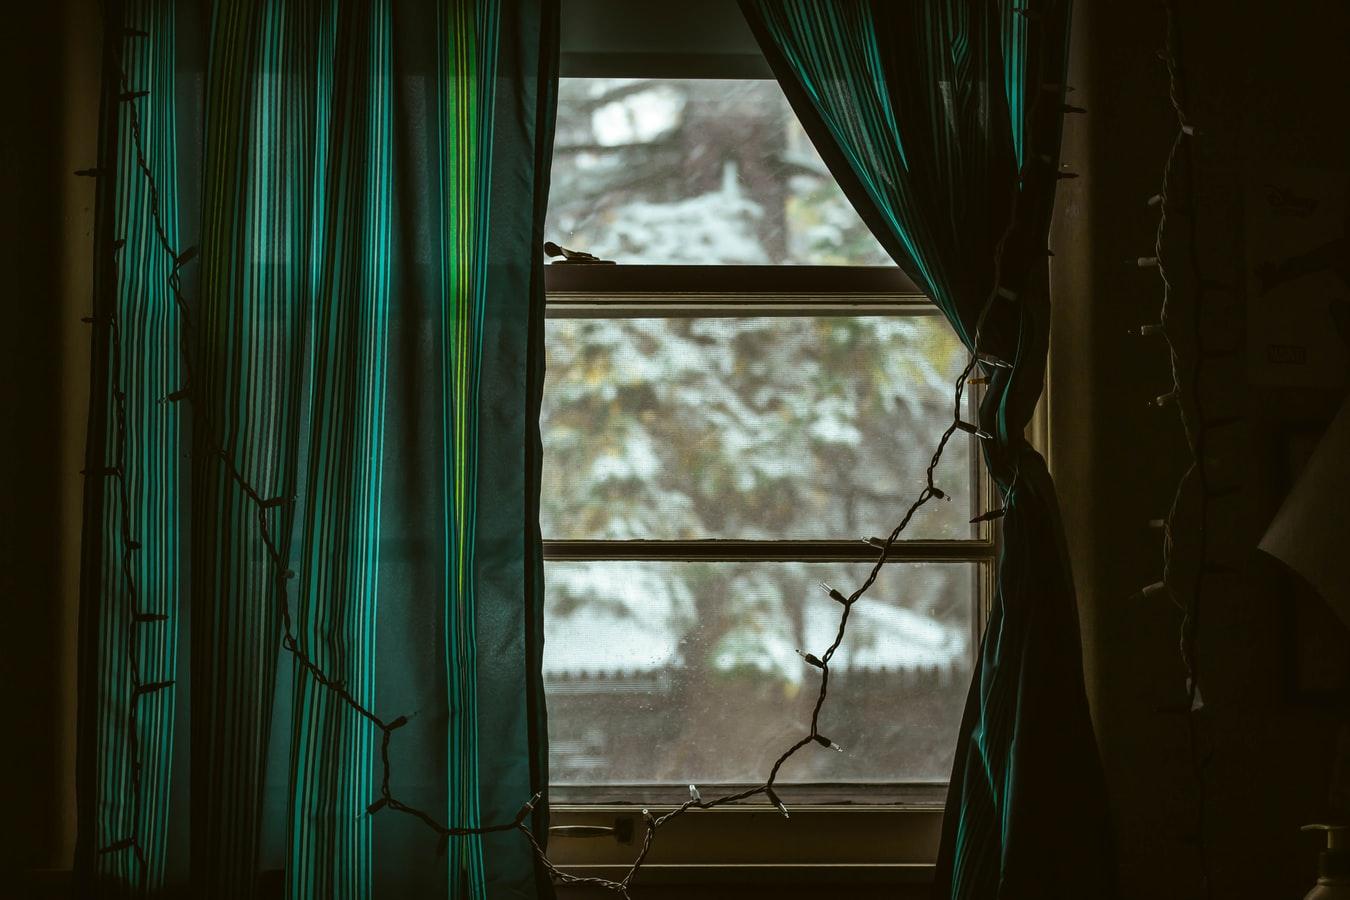 Un rideau de fenêtre ouvrant sur la nature